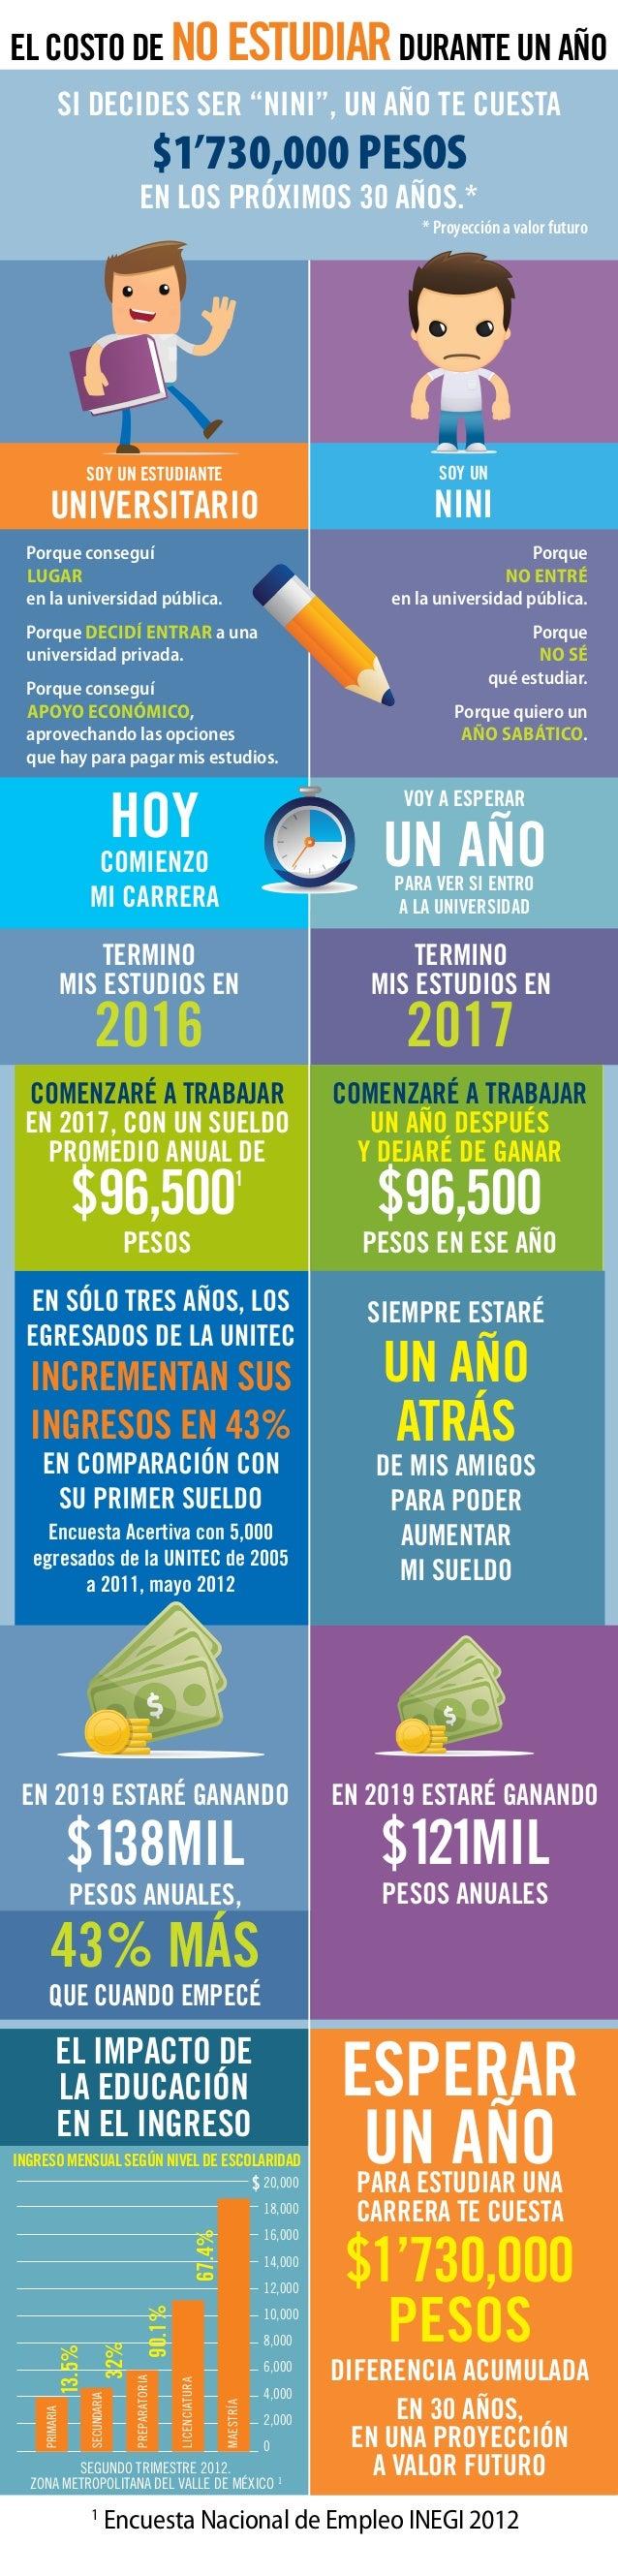 """EL COSTO DE NOESTUDIARDURANTE UN AÑO SI DECIDES SER """"NINI"""", UN AÑO TE CUESTA $1'730,000 PESOS EN LOS PRÓXIMOS 30 AÑOS.* * ..."""